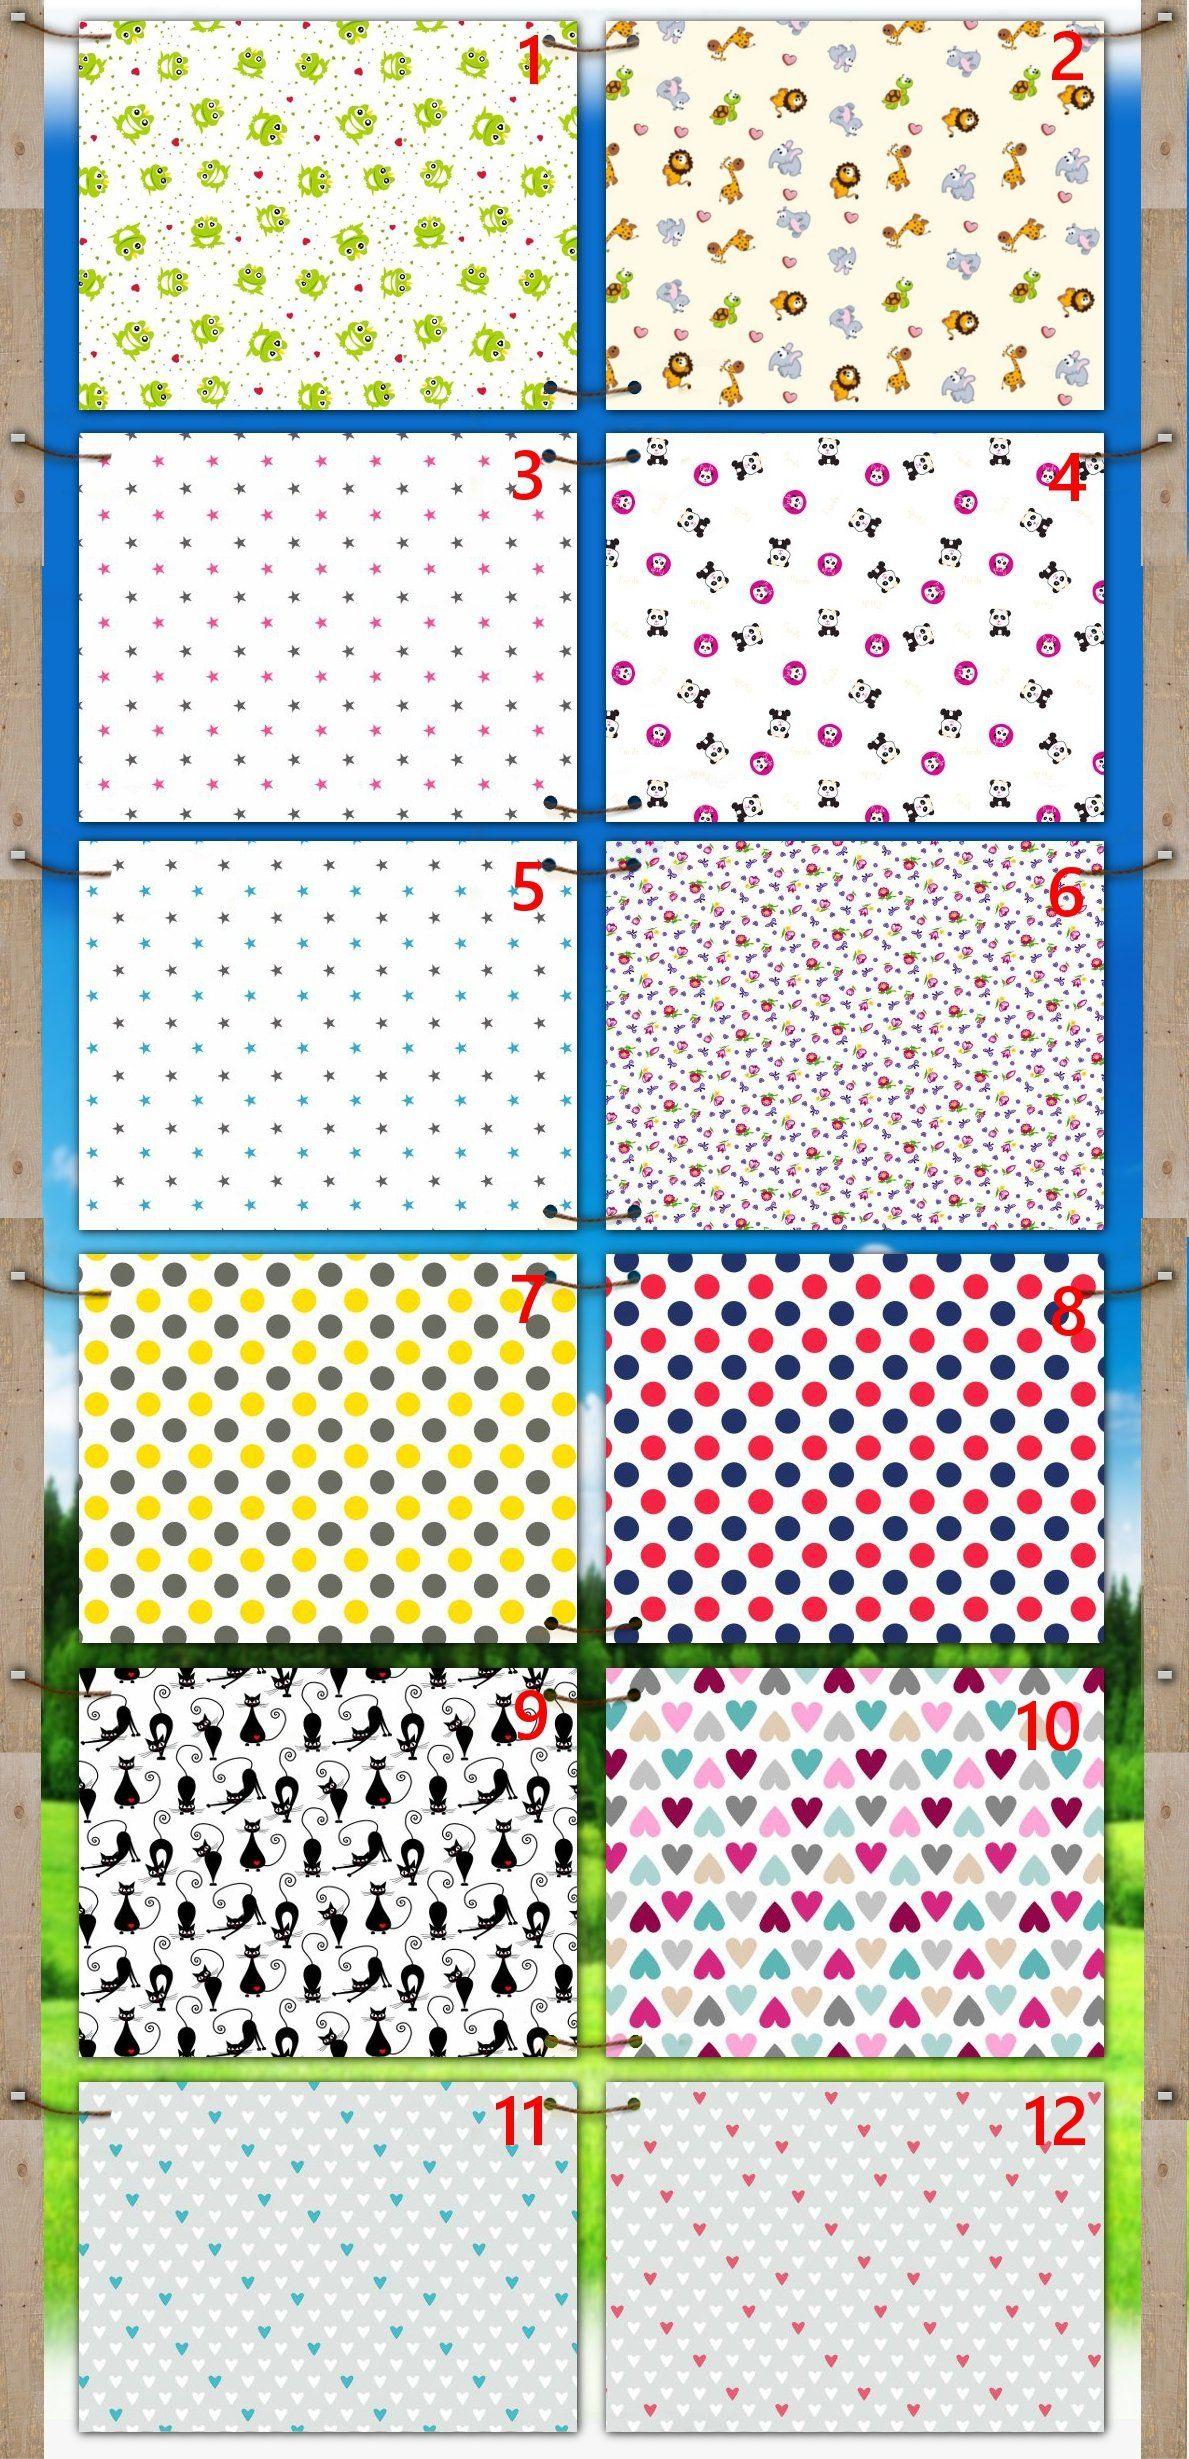 Pielucha Tetrowa 100 Bawelna Pieluchy Tetrowe Quilts